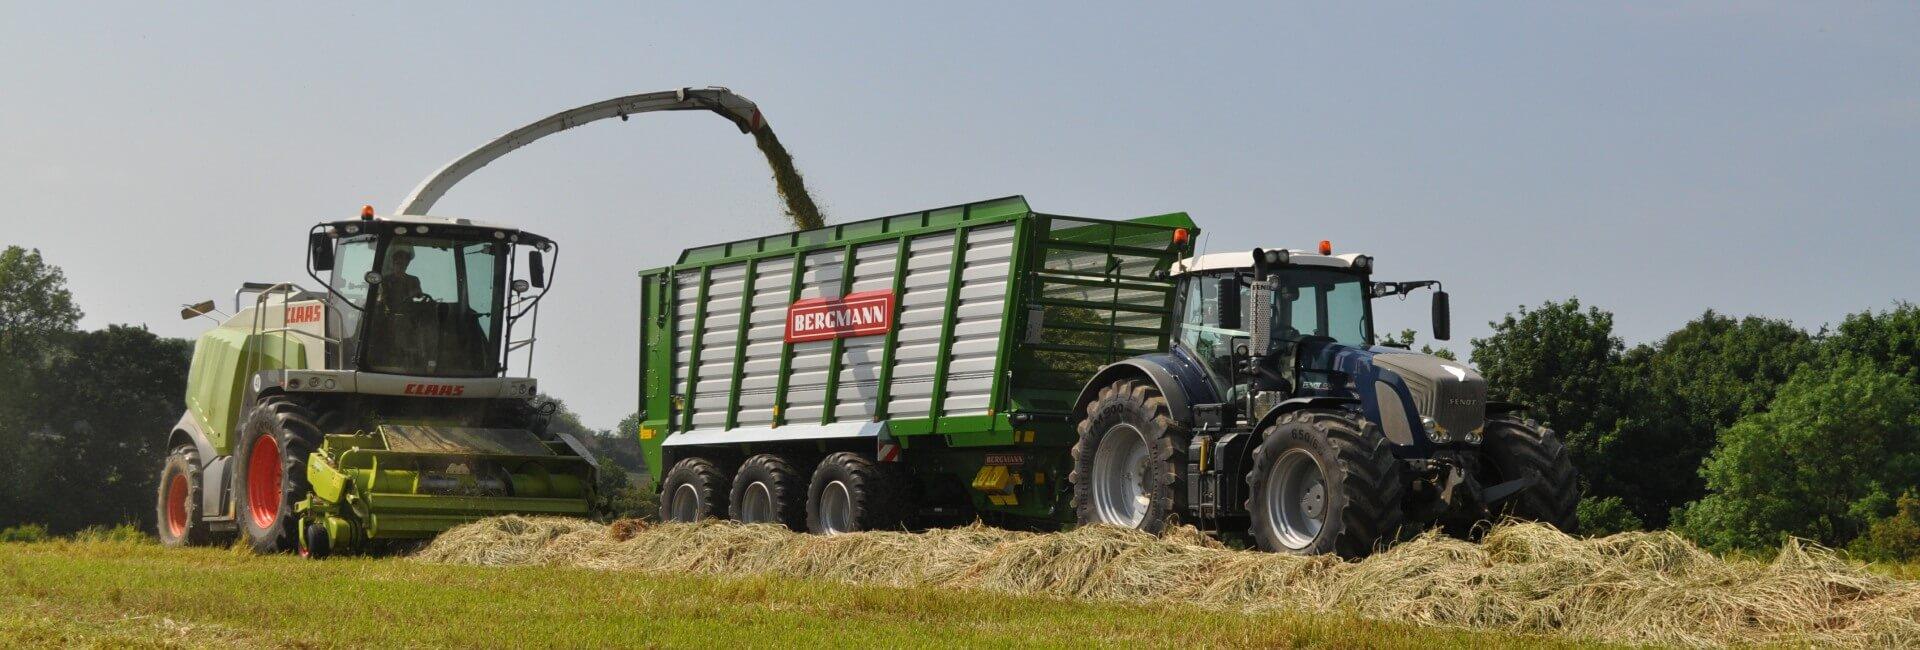 Bergmann silage trailer HTW50 grass silage UK